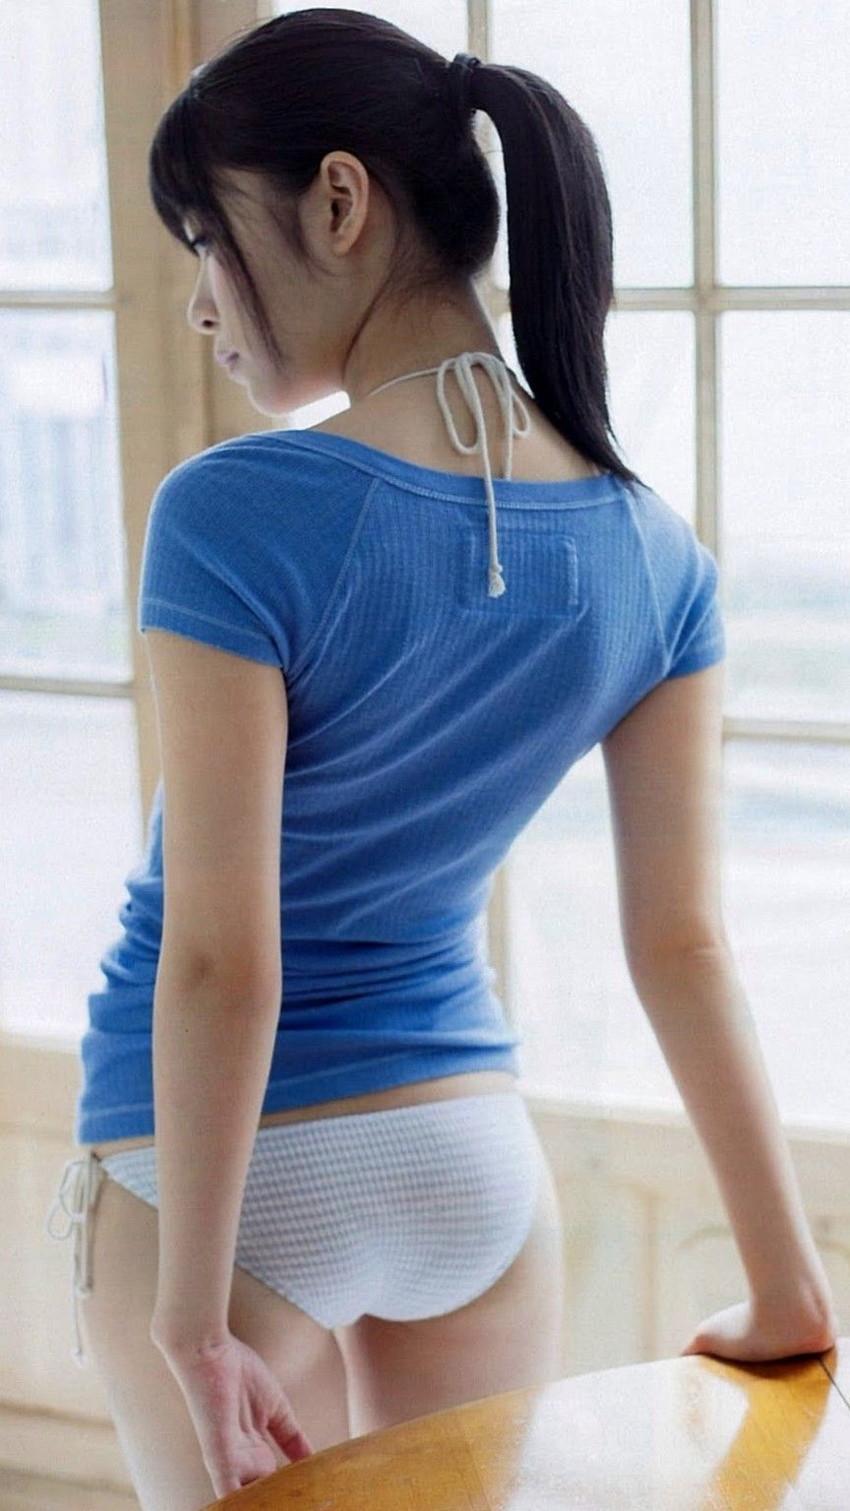 【グラビアエロ画像】HKT48指原莉乃の美脚がエッチなセクシー画像(50枚) 45